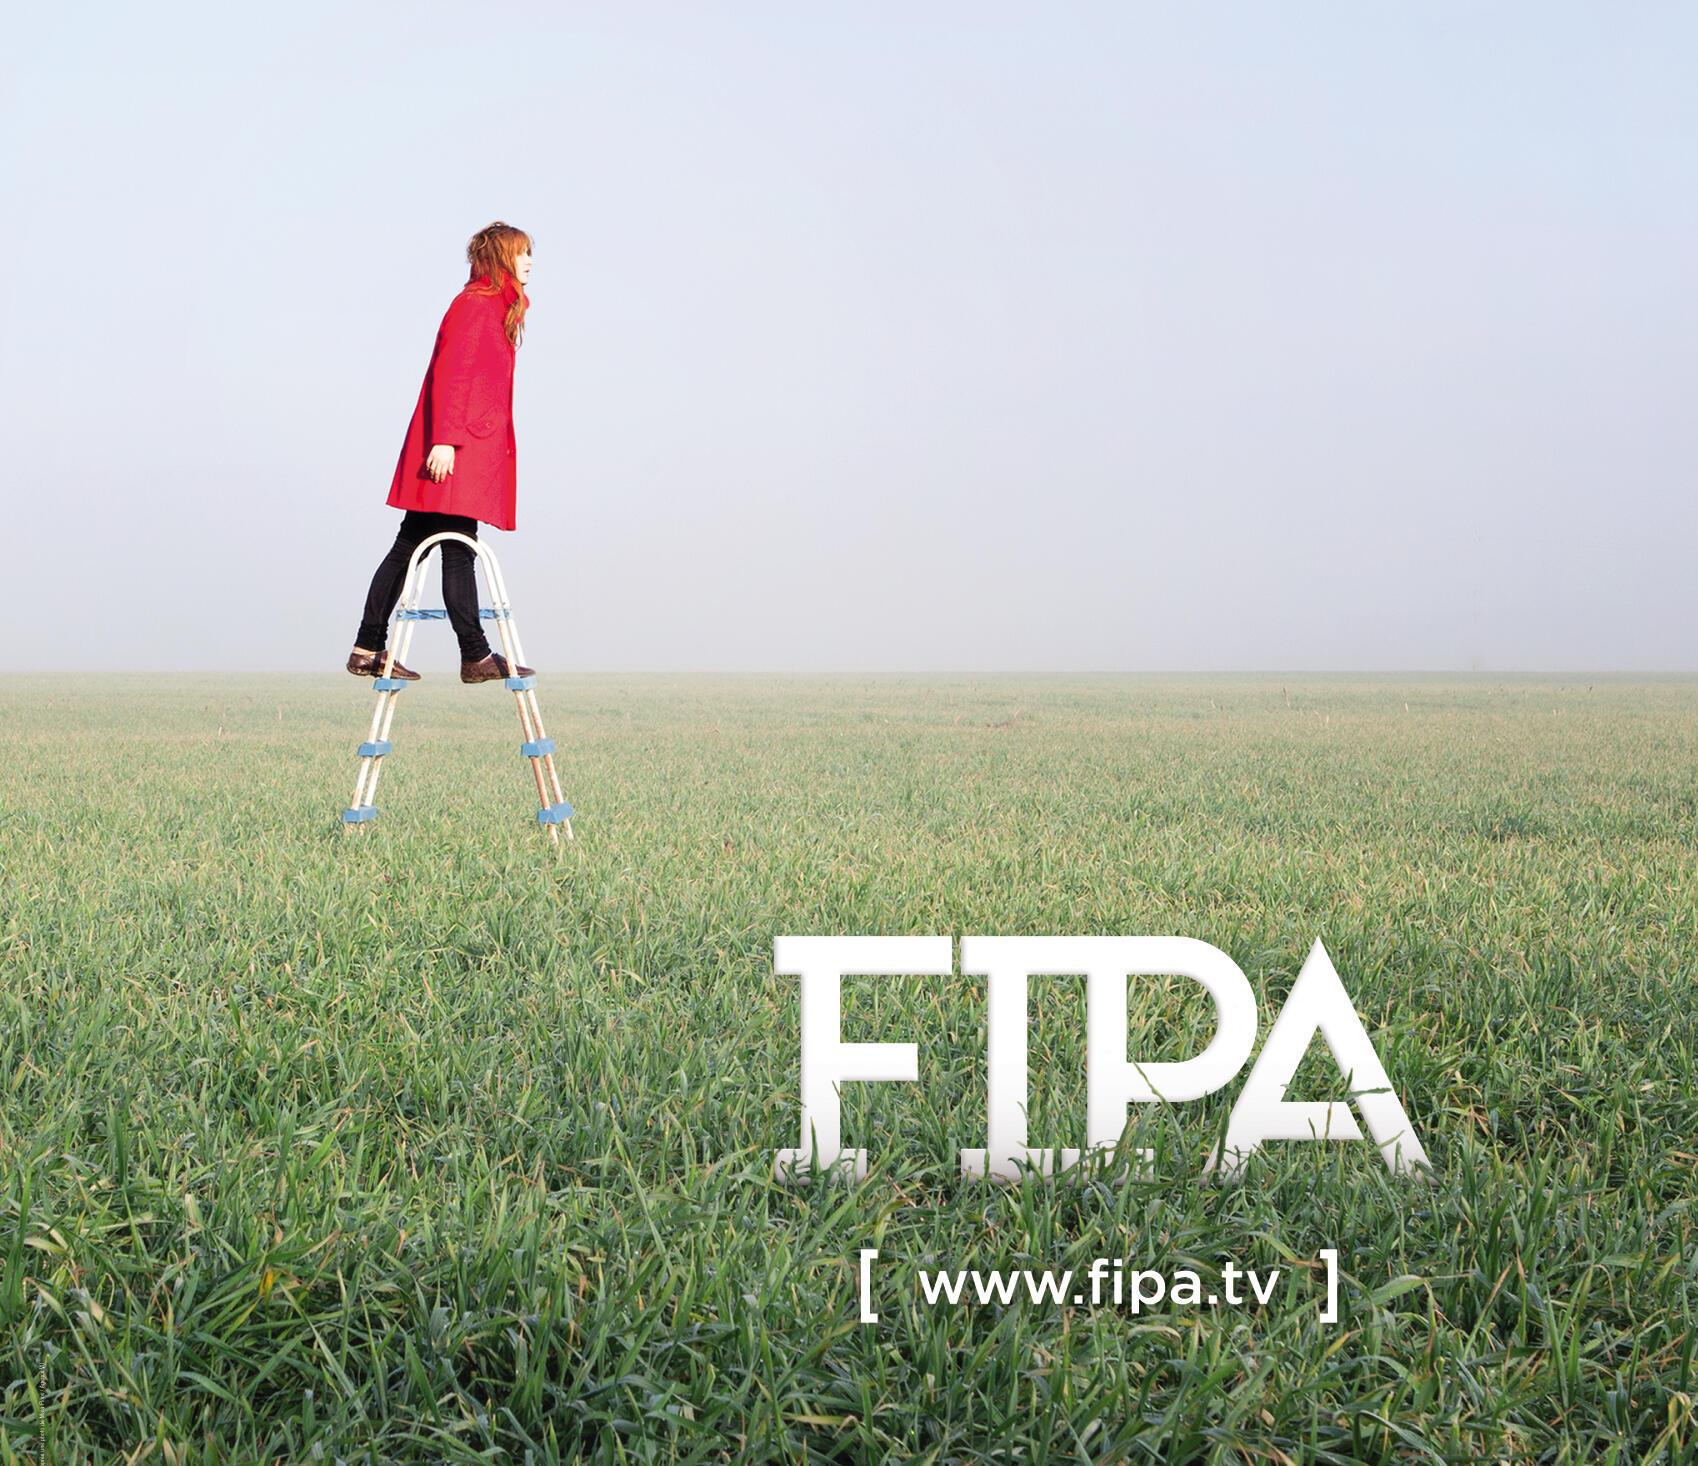 Détail de l'affiche officielle du 28e Festival international de programmes audiovisuels (FIPA) à Biarritz, du 20 au 25 janvier 2015.